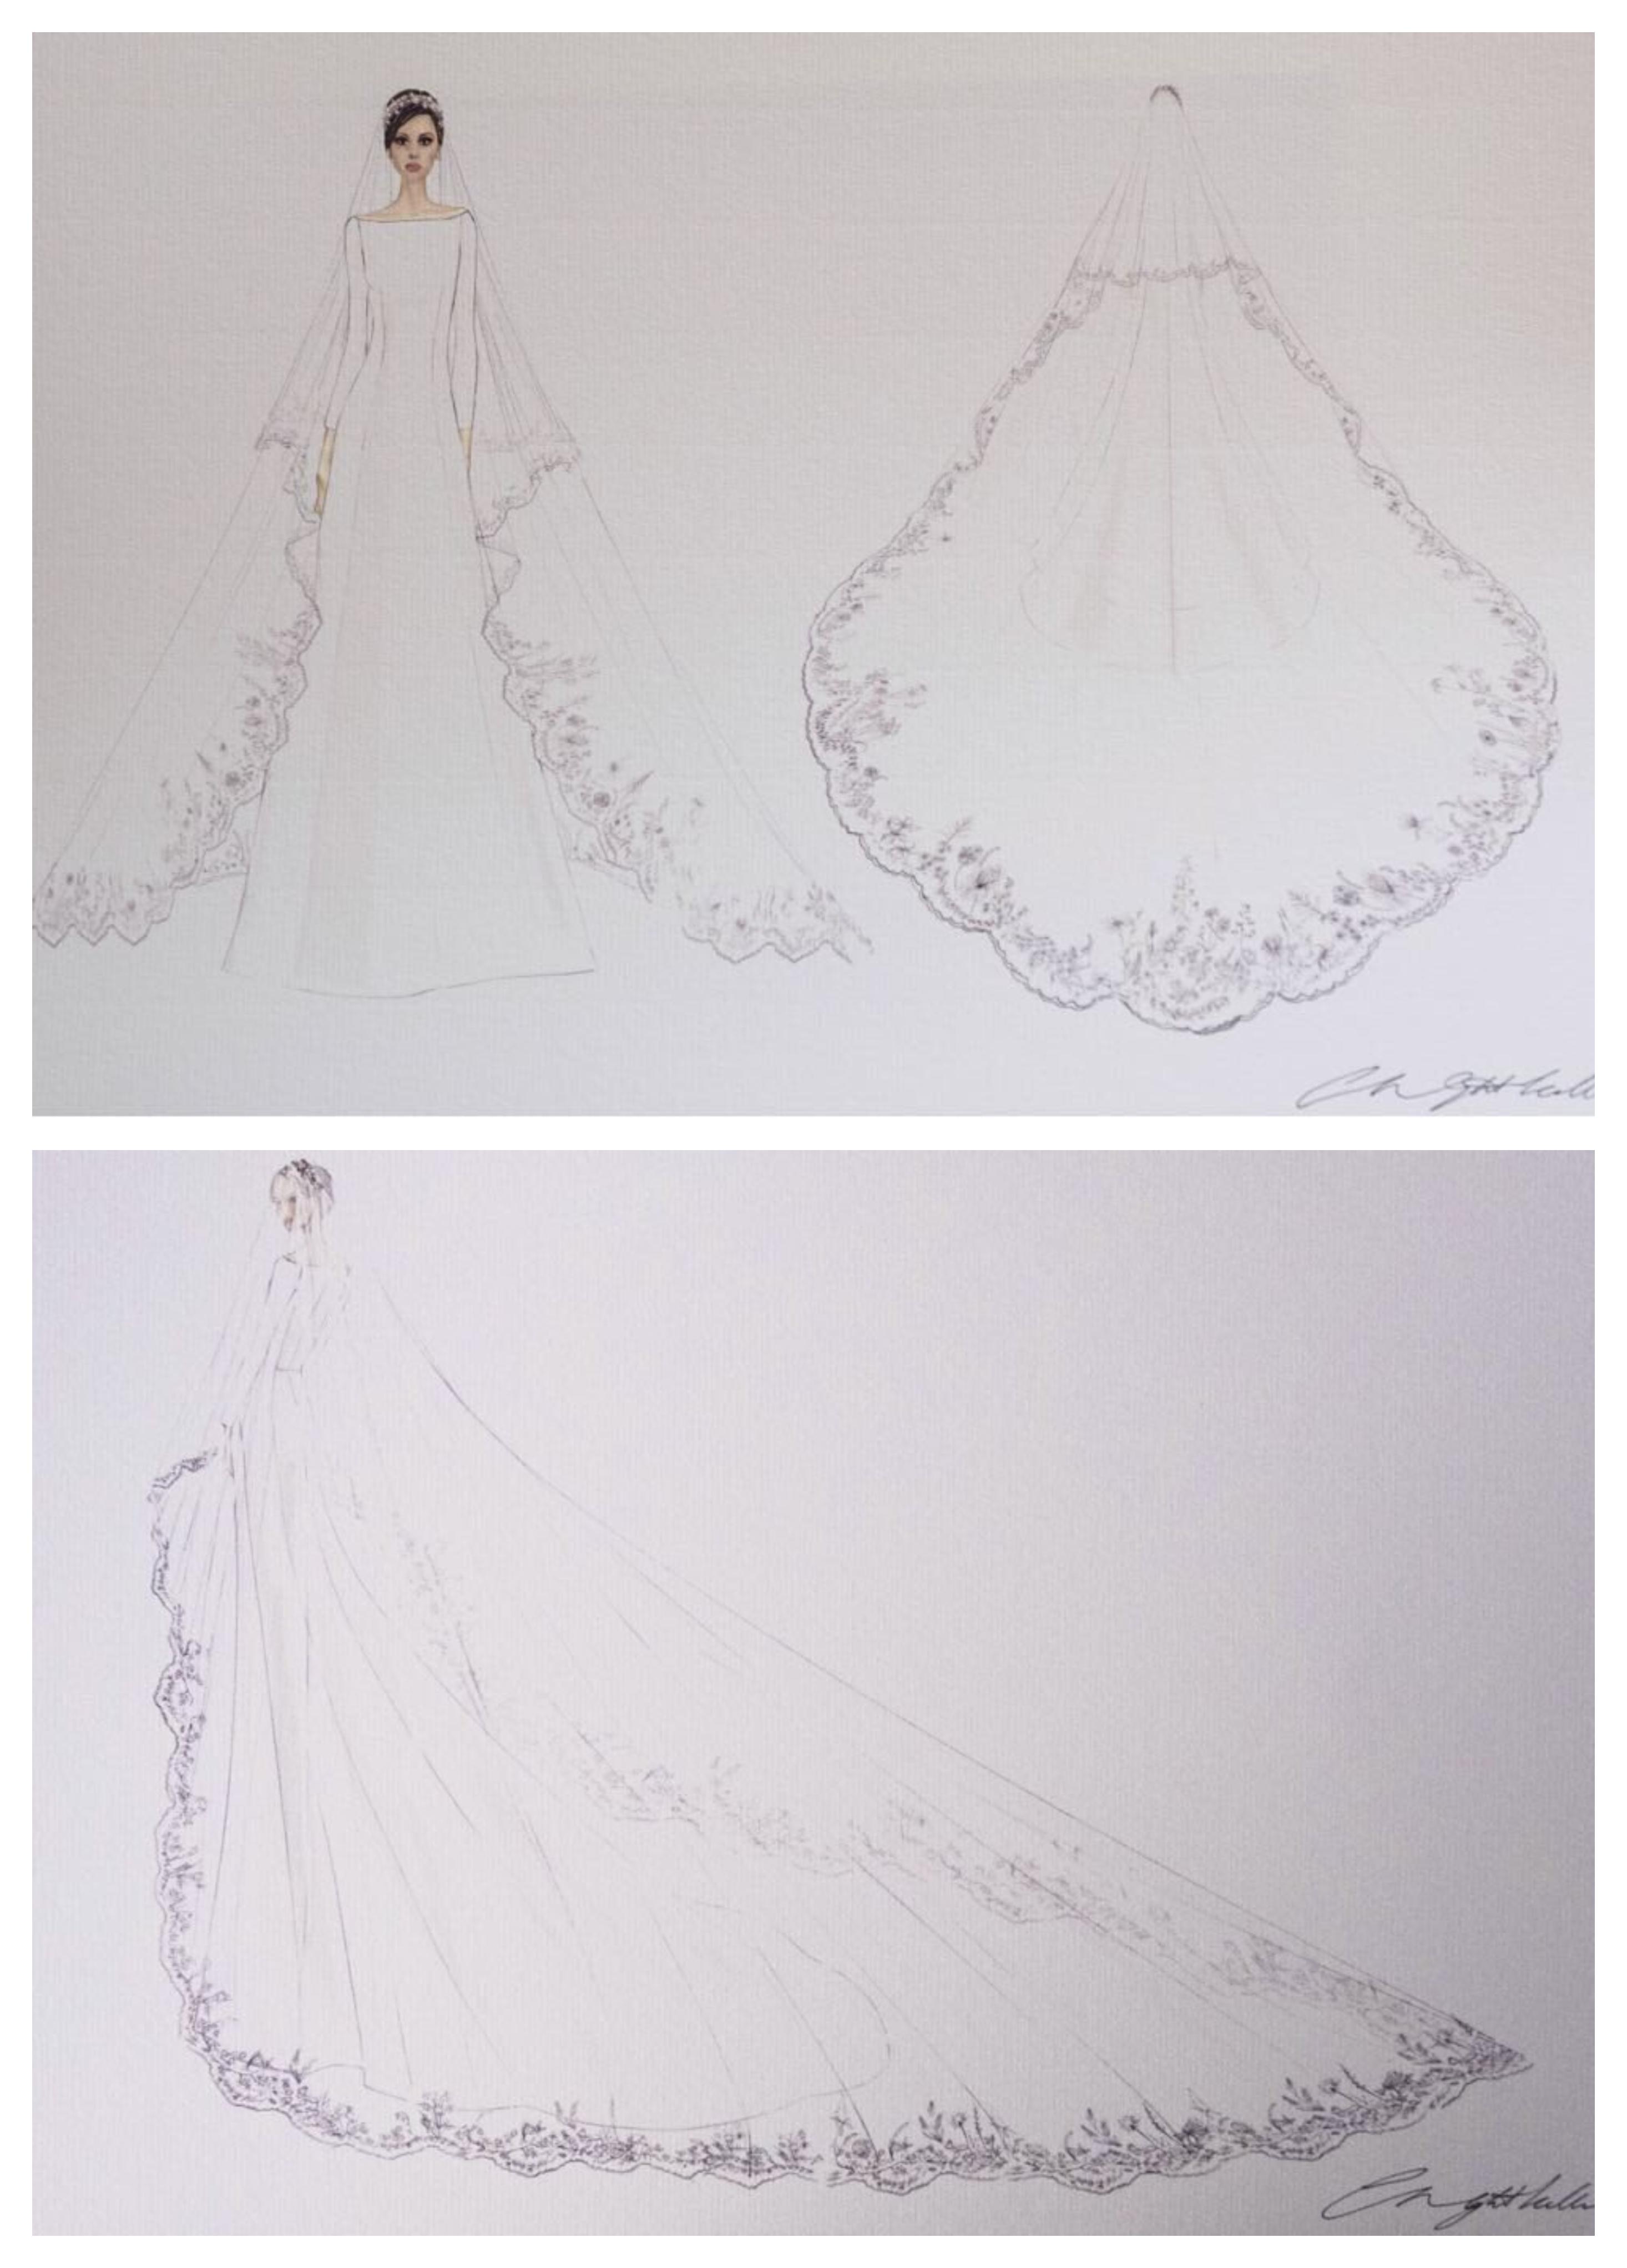 Skisser av Givenchys Clare Waight Kellers brudekjole til Meghan Markle